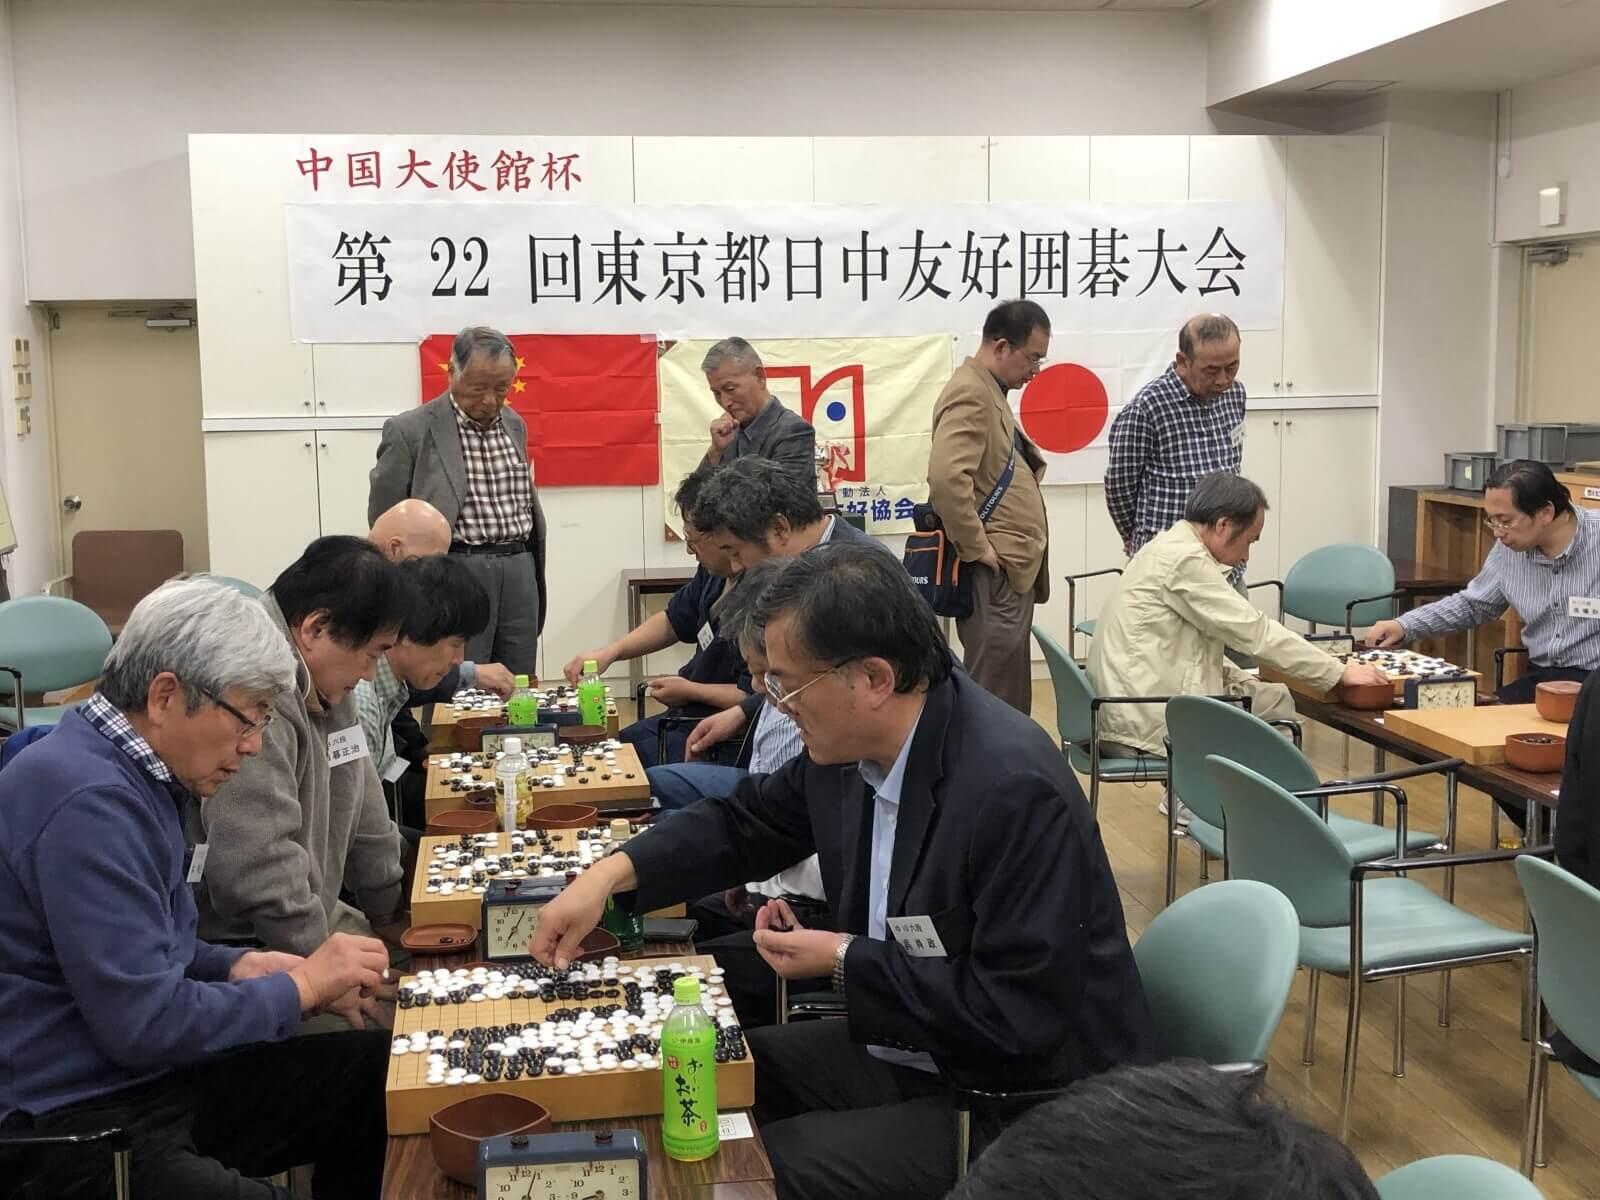 11/2 中国大使館杯 第22回東京都日中友好囲碁大会を開催 活動リポート